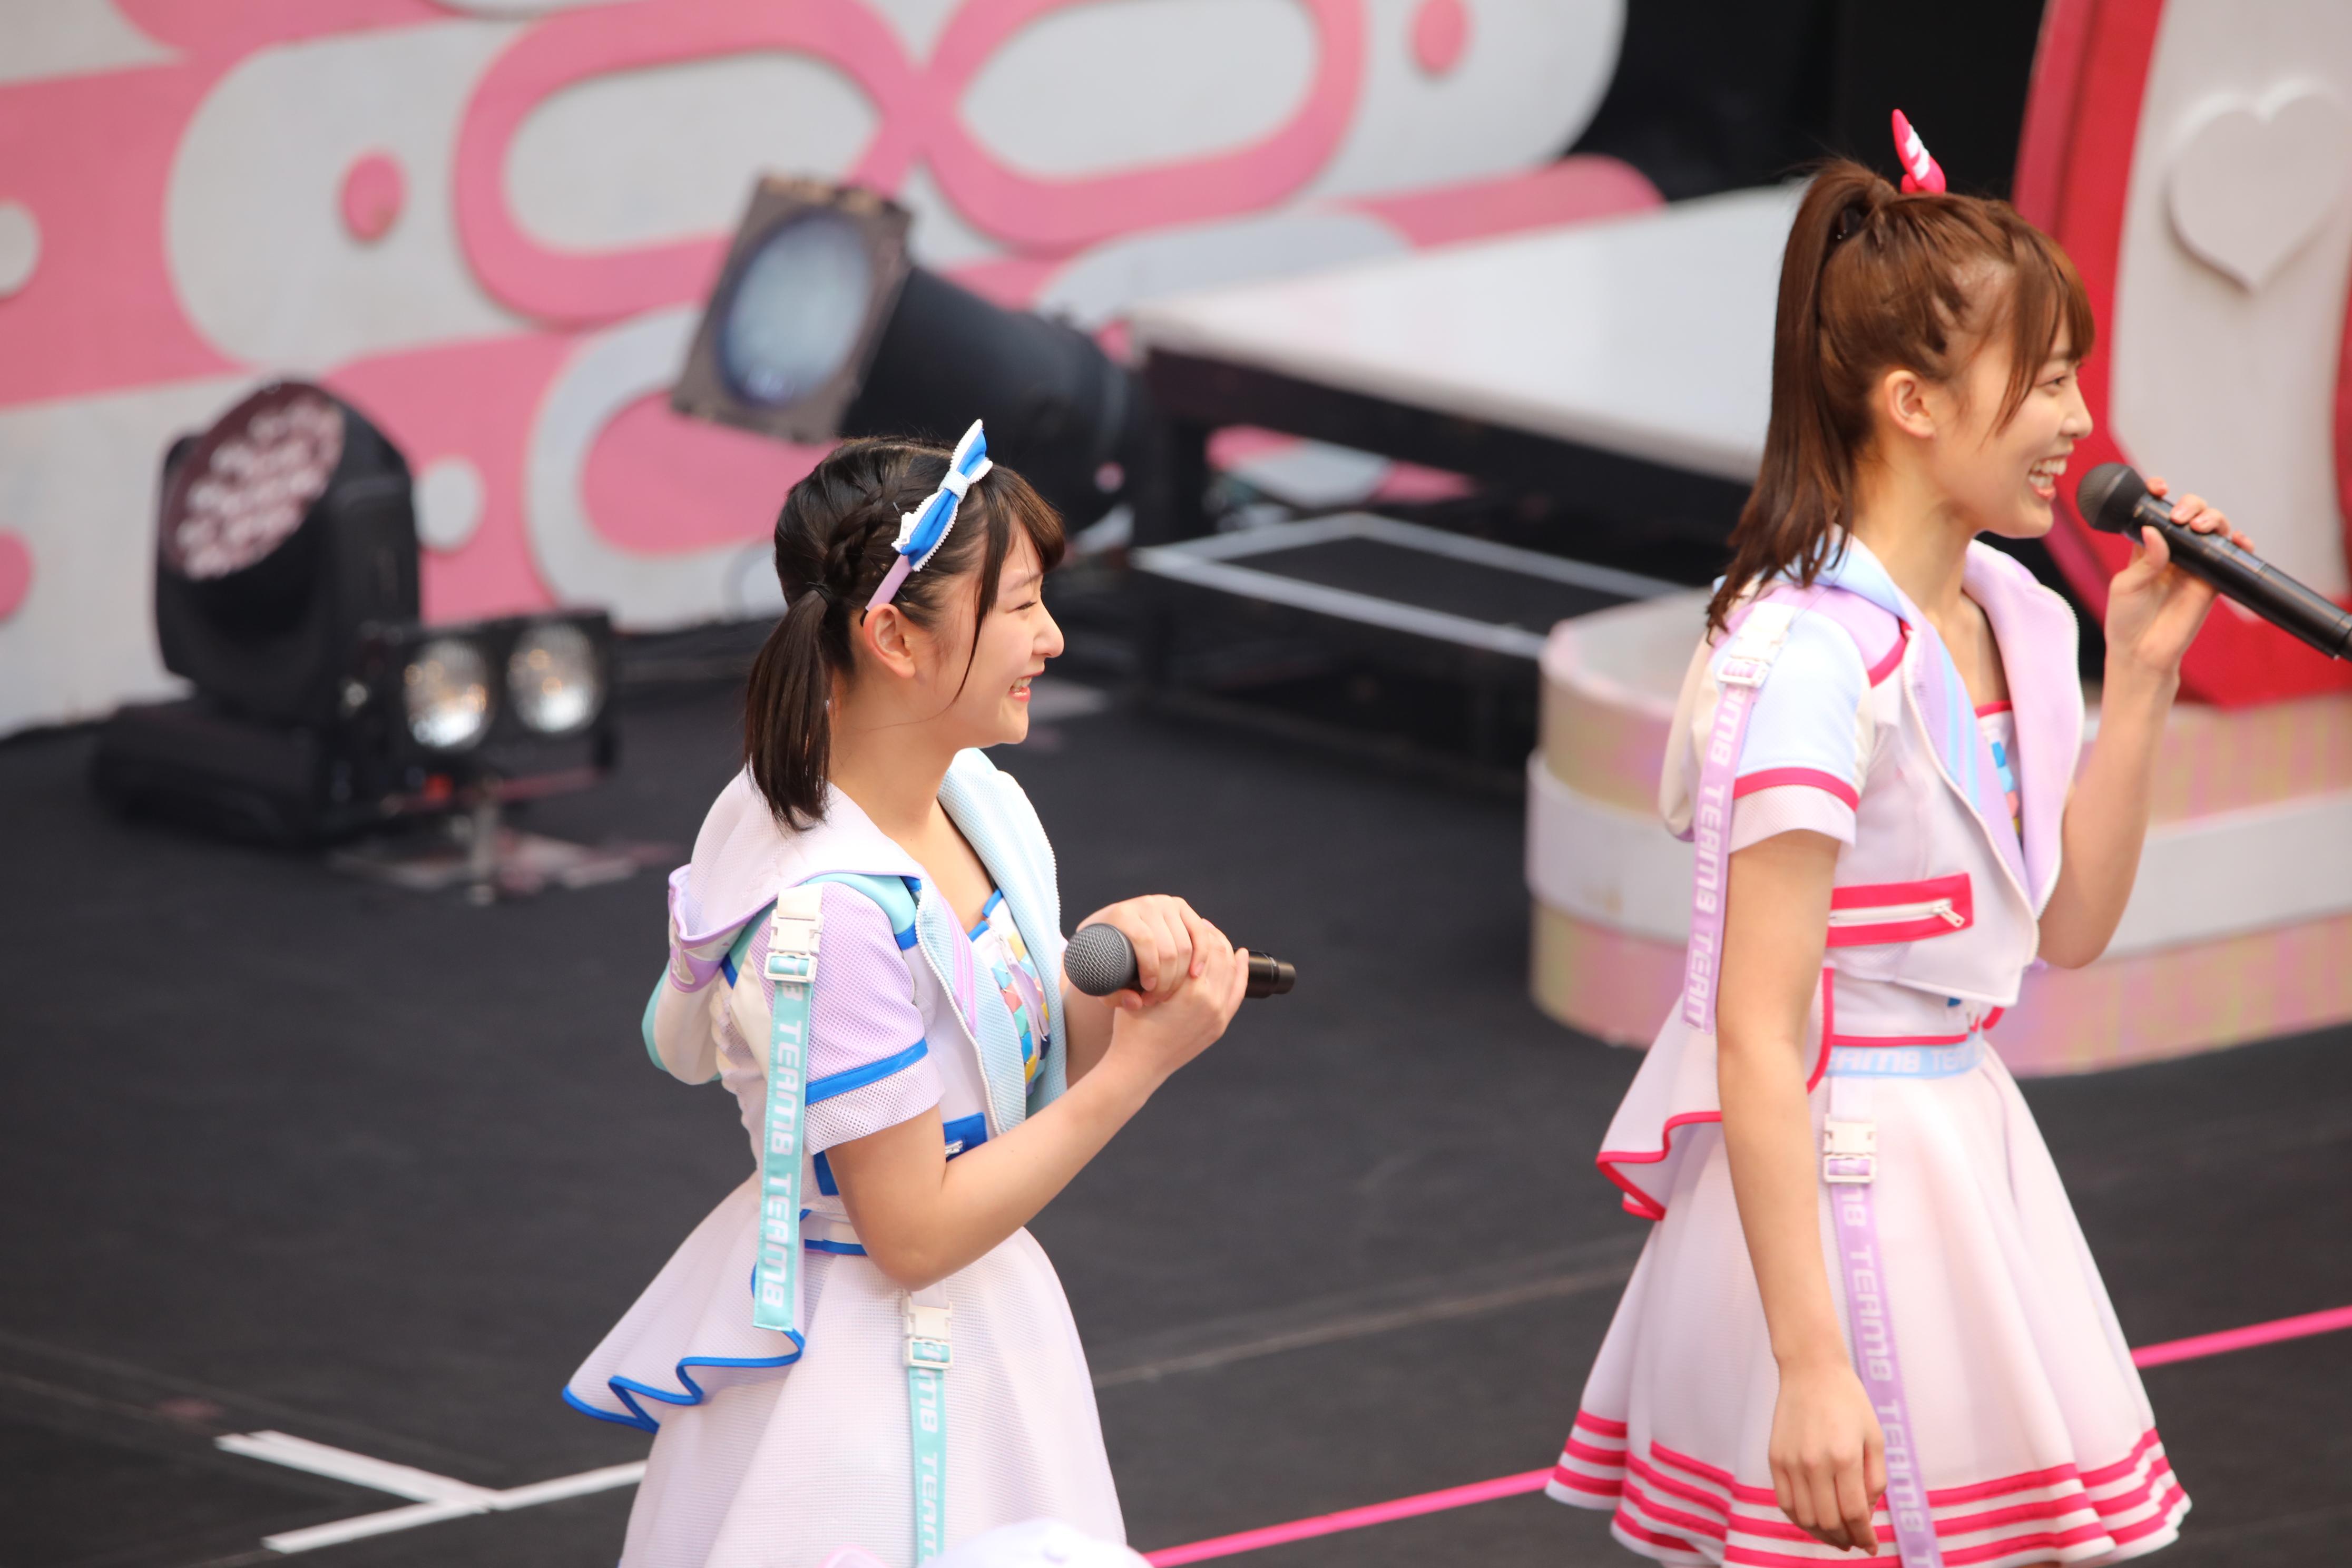 藤園麗と岡部麟「じゃあ、きゅうりのキャラクター半分こしようか!?」